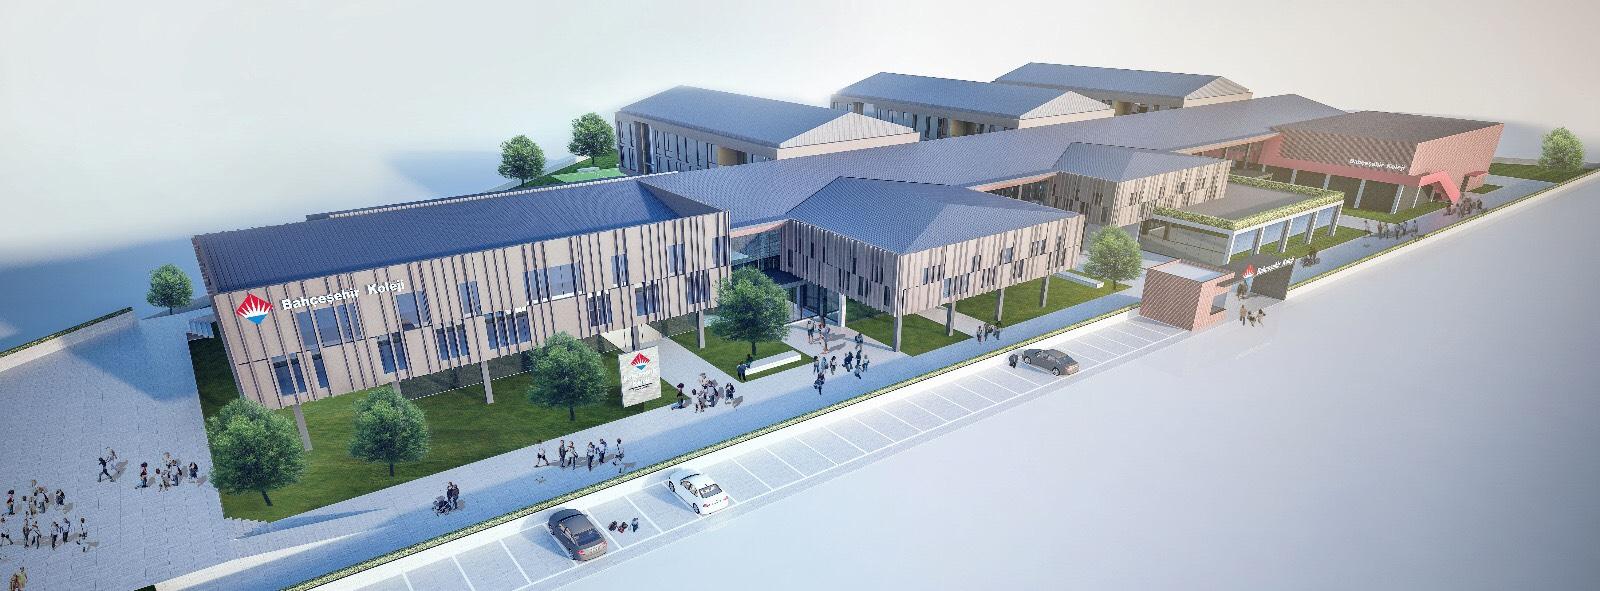 Bahçeşehir Koleji Erzurum İlkokulu